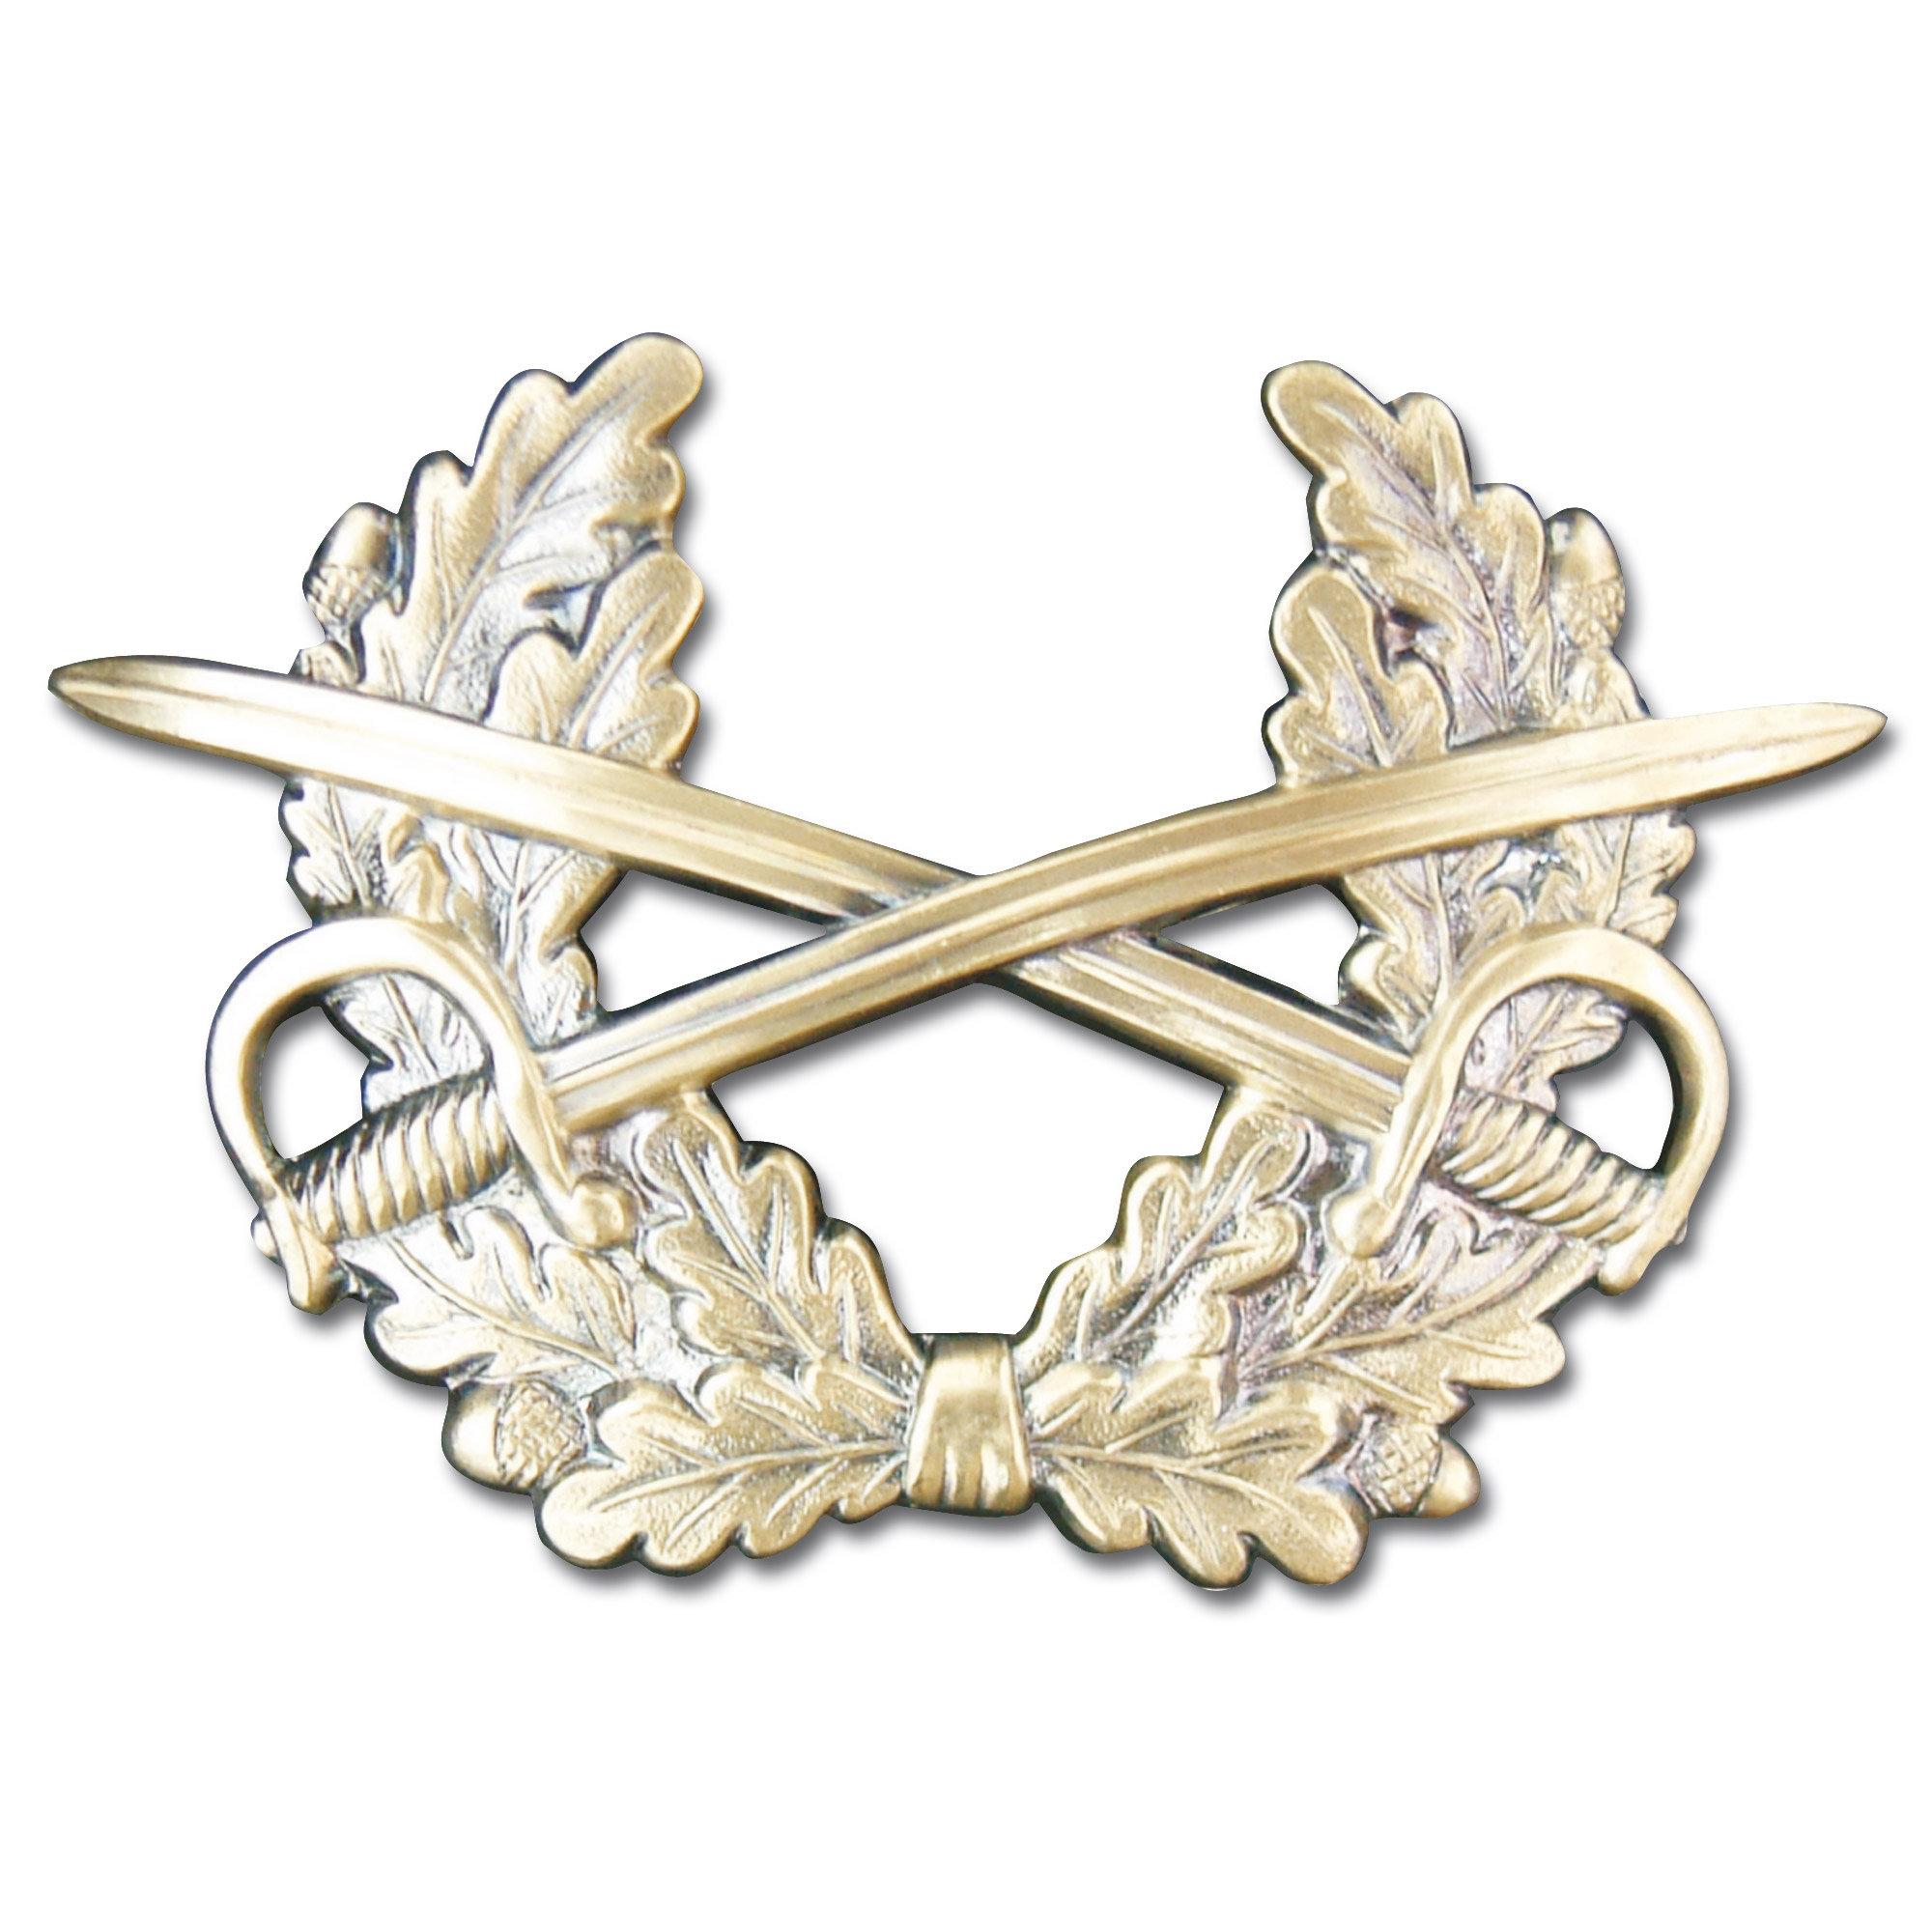 Distintivo militare per cappello